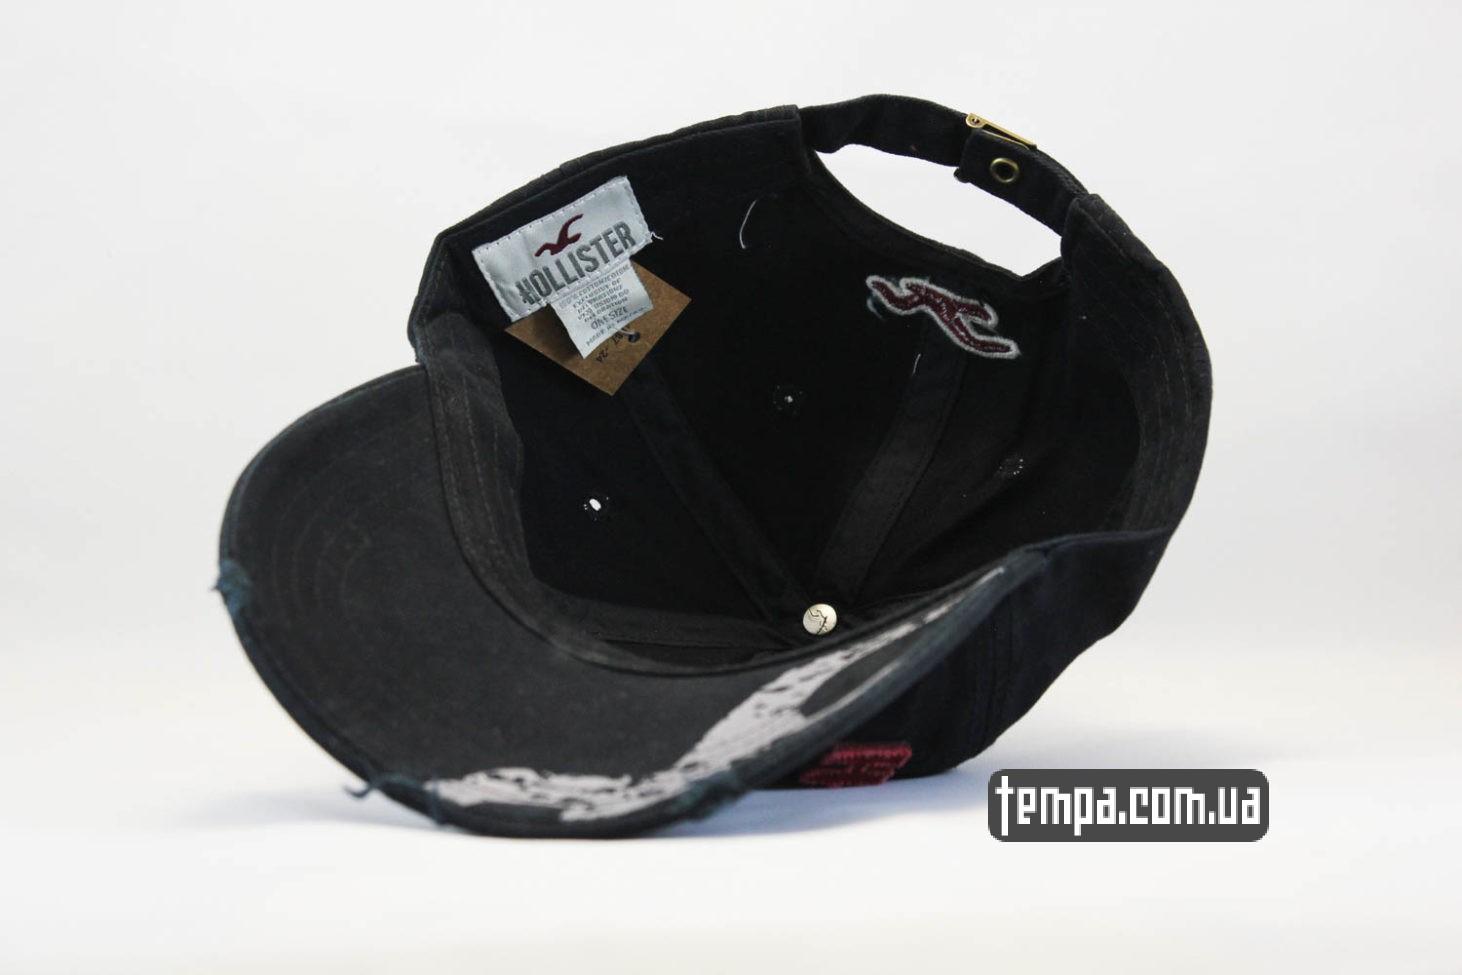 одежда холлистер купить украина кепка бейсболка hollister черная с логотипом и чайкой